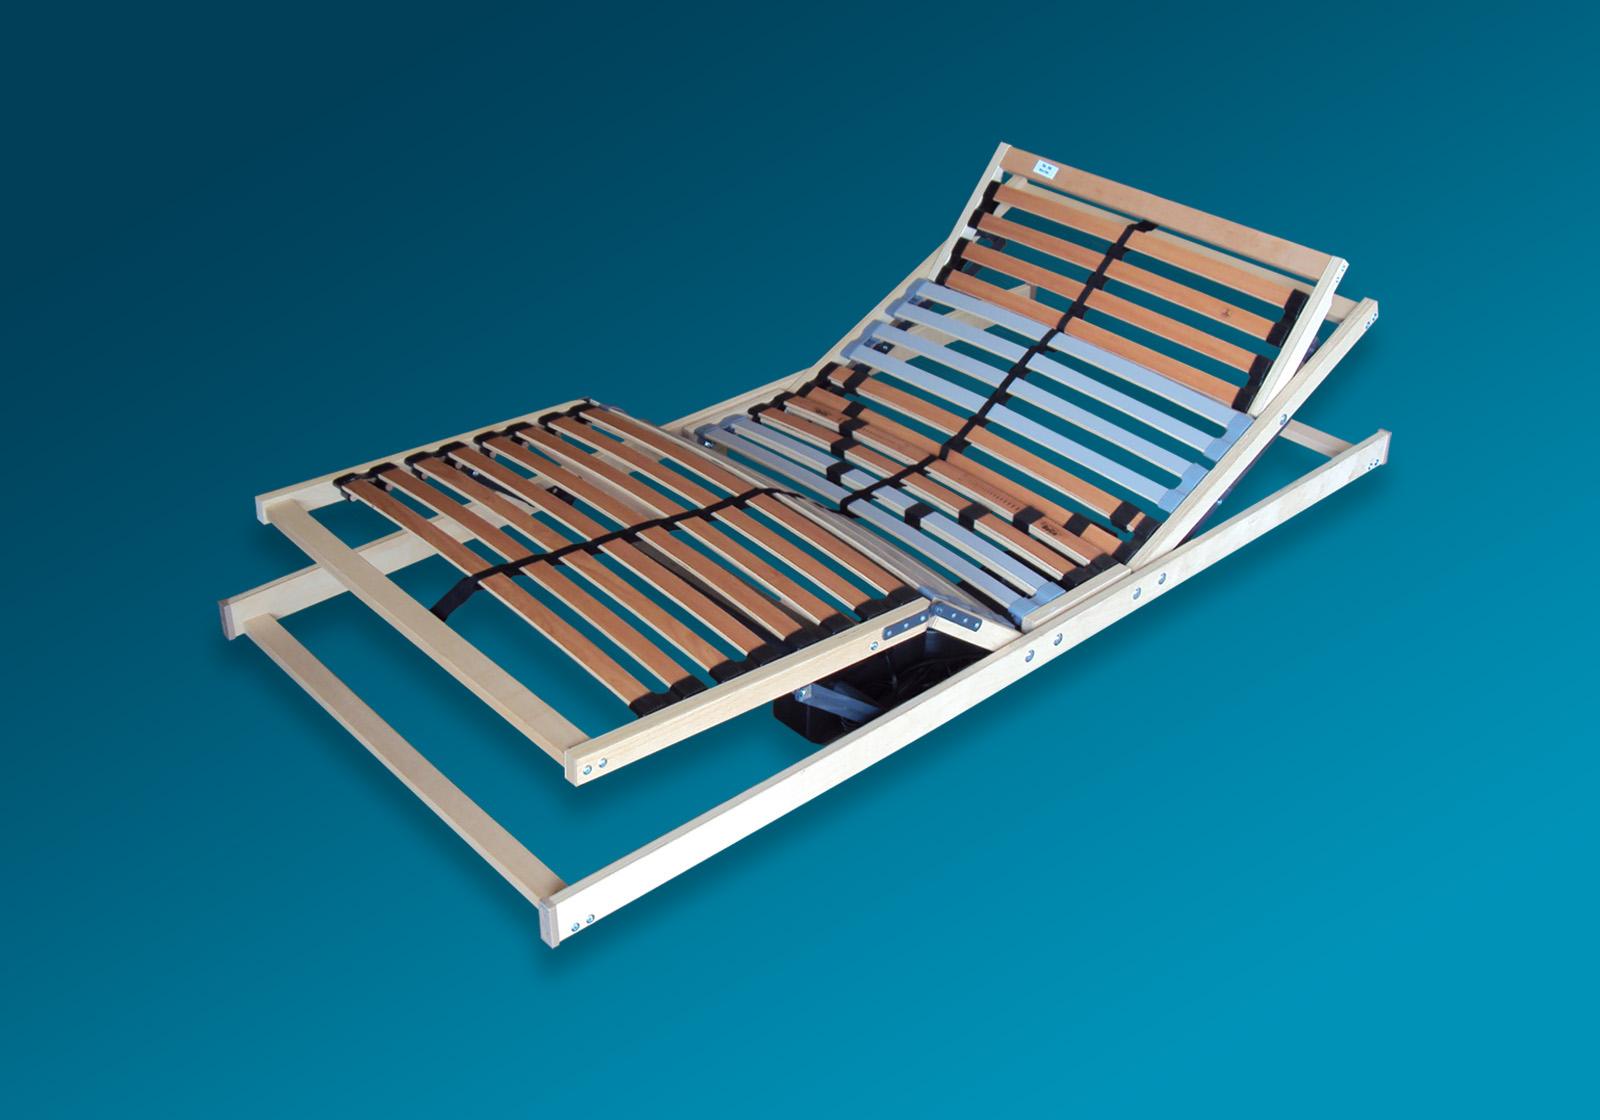 maxx 228 319 90x200 elektrischer lattenrost 28 leisten kabel ebay. Black Bedroom Furniture Sets. Home Design Ideas